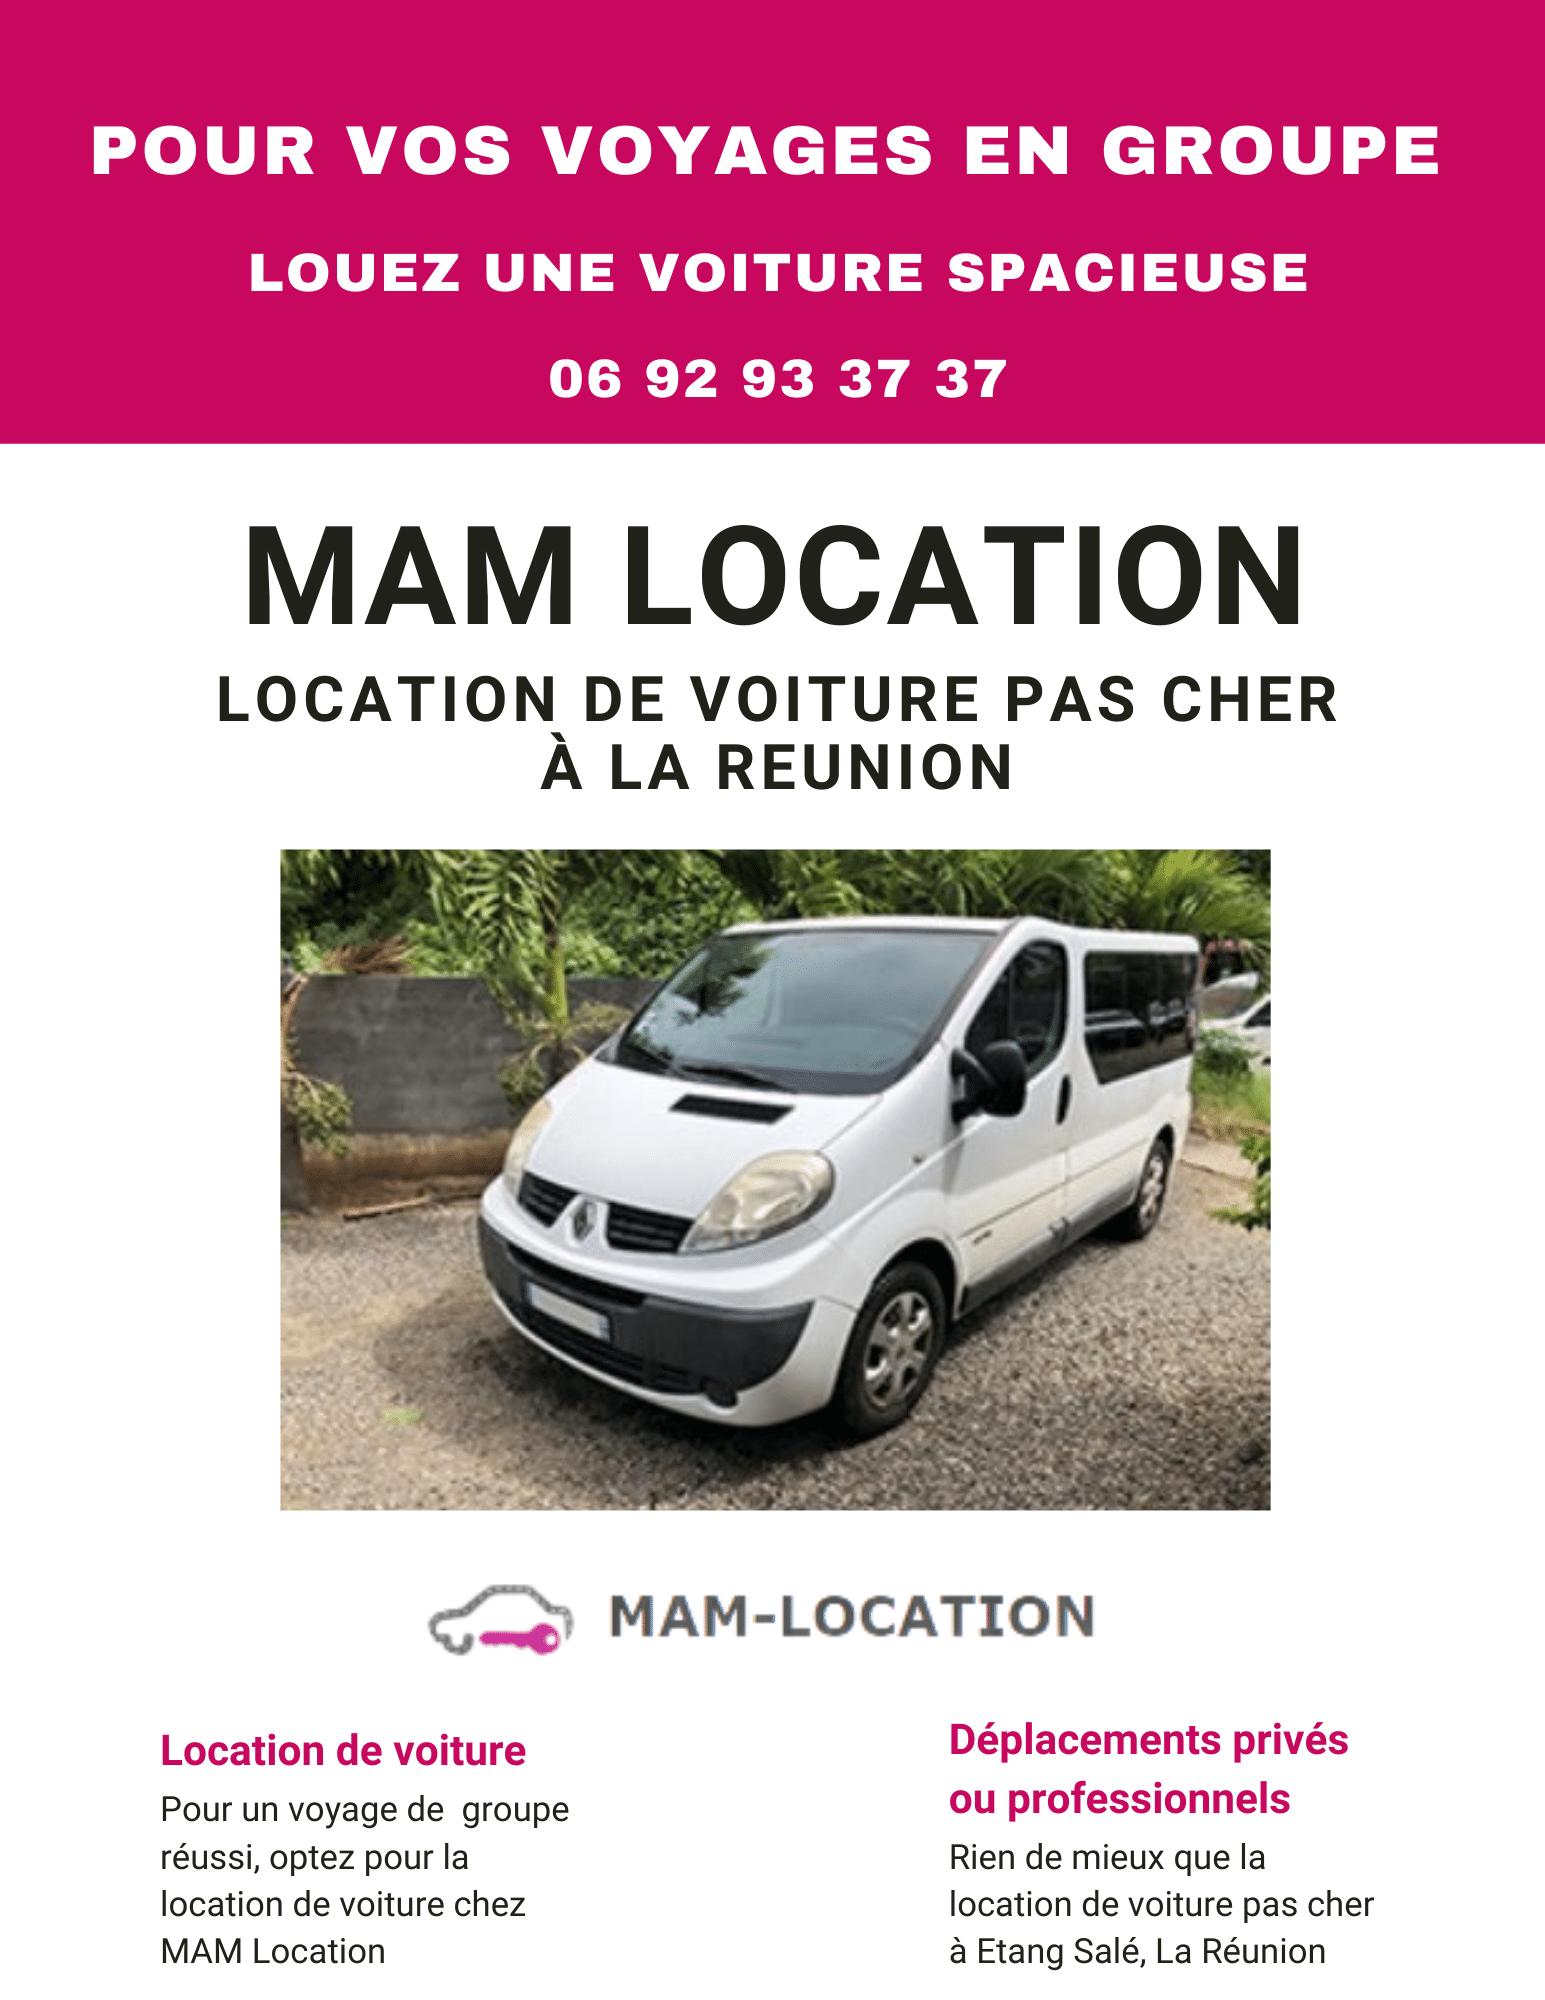 voyage_groupe_location_voiture_pas_cher_La_Reunion